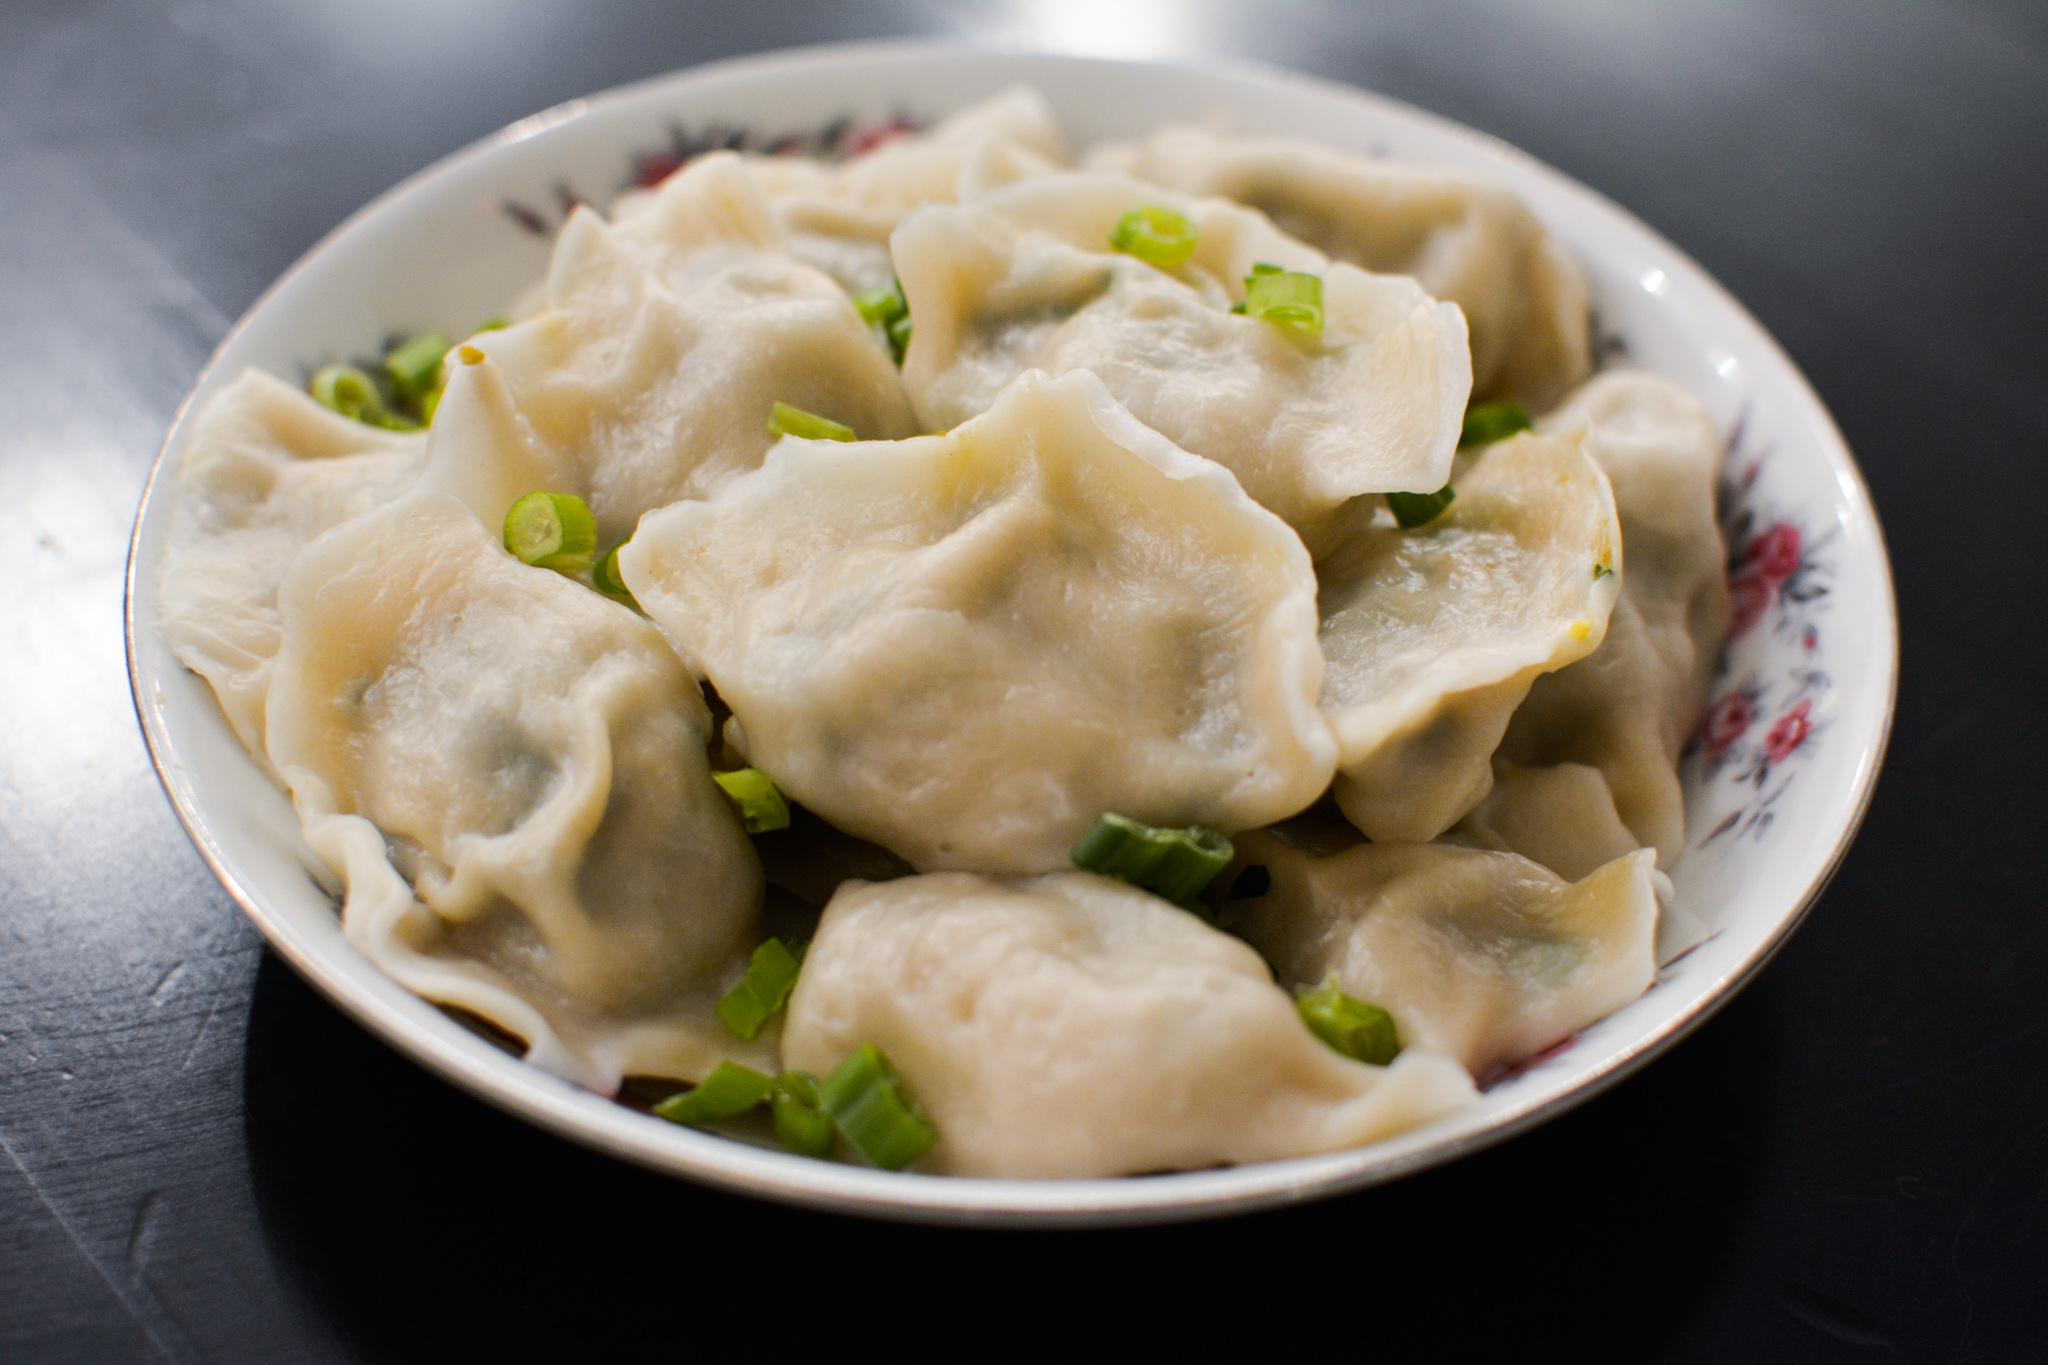 A plate of fat dumplings.